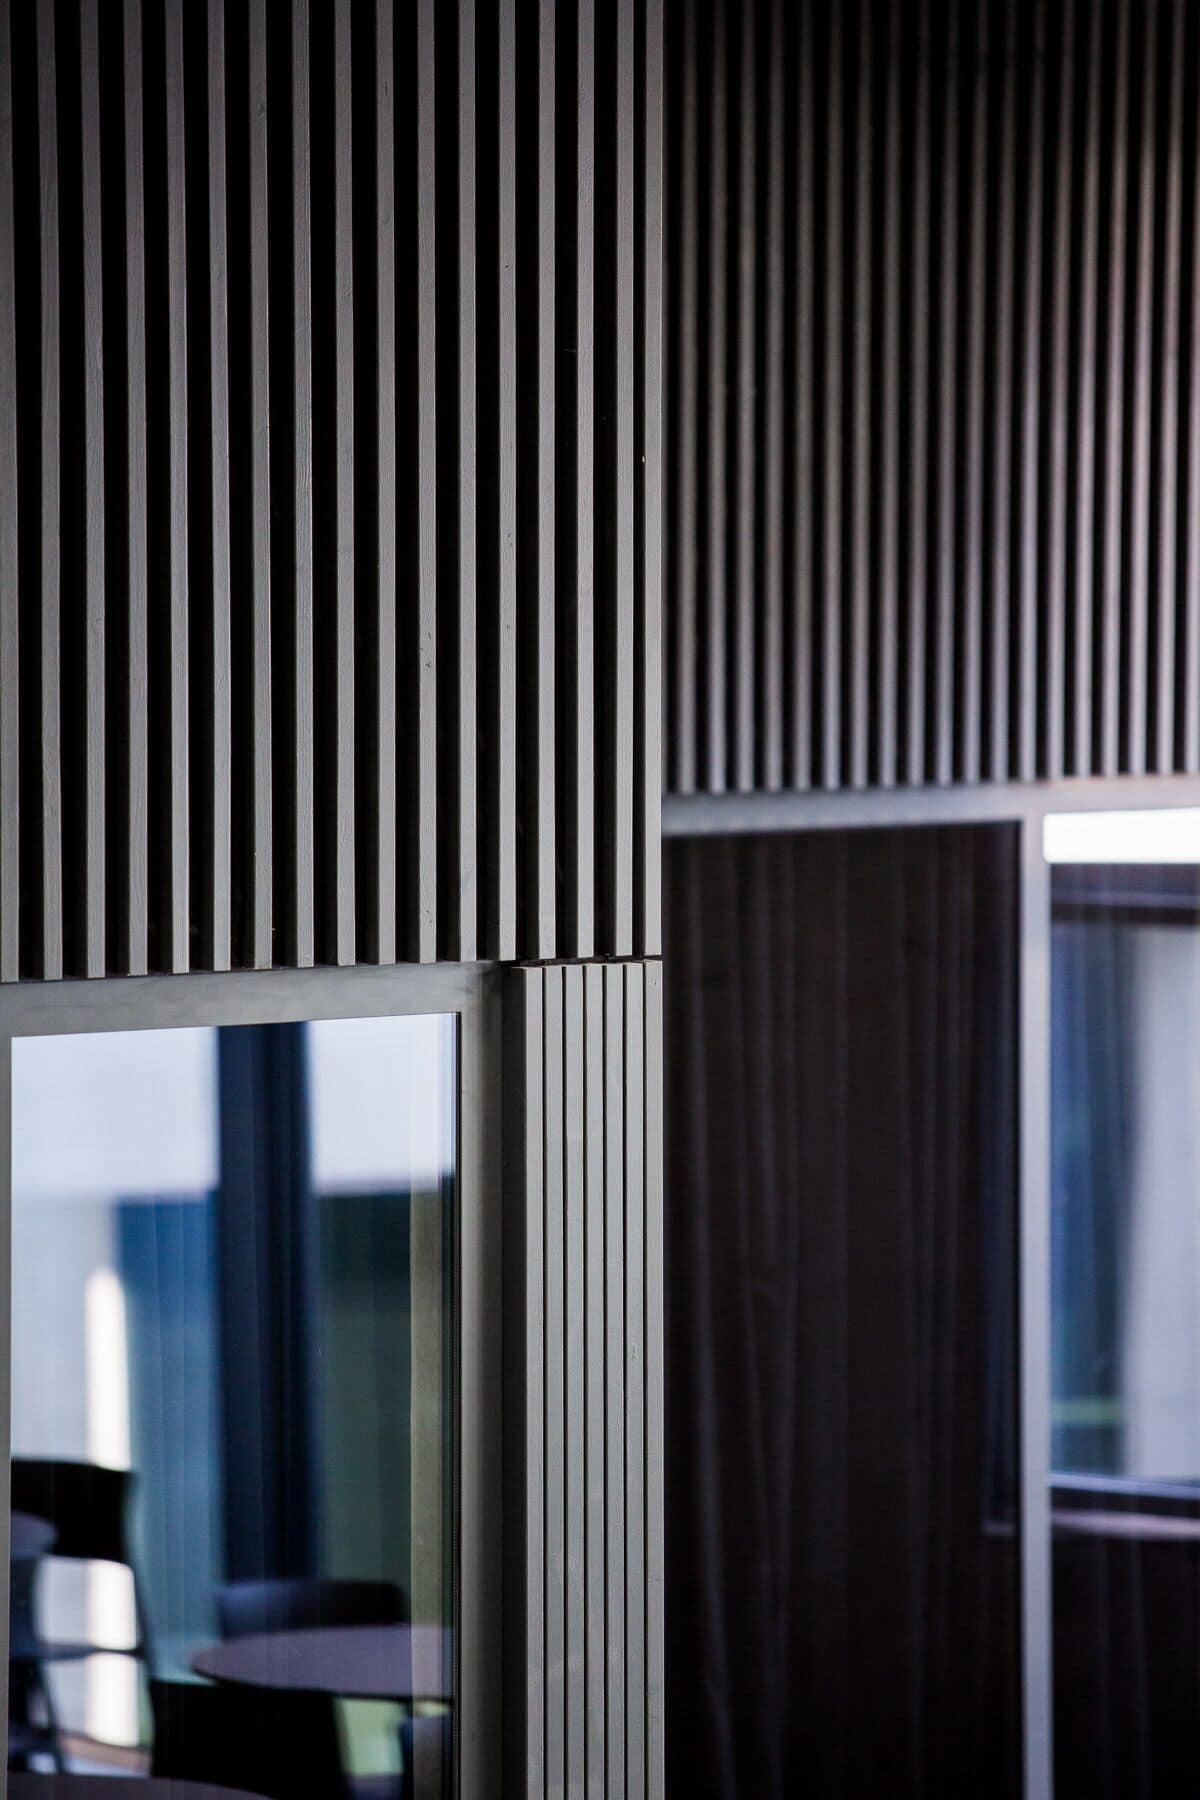 Seinapaneelid Eesti Kunstiakadeemias